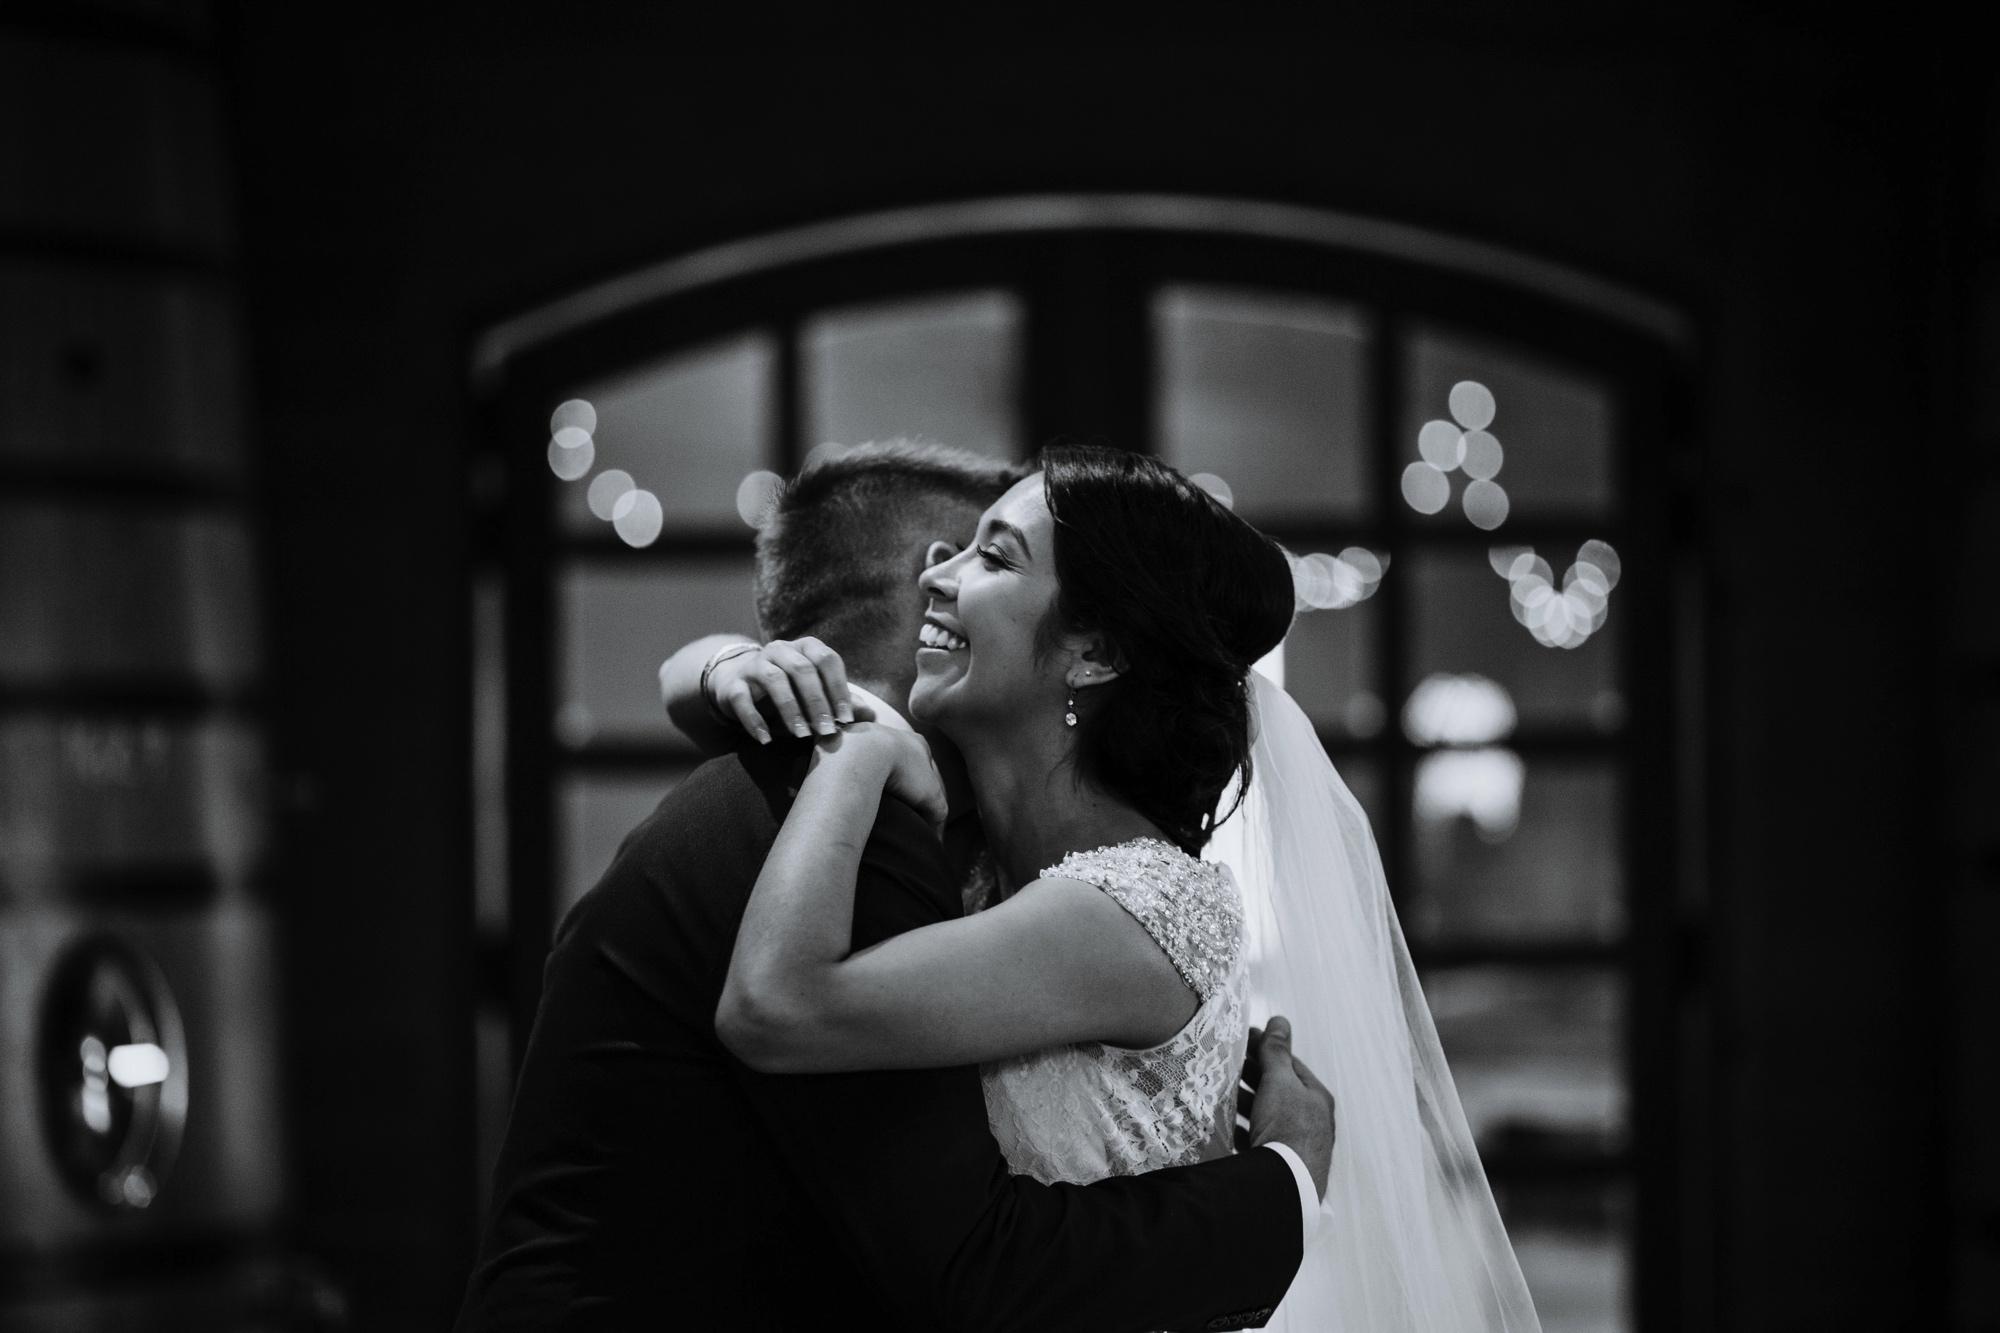 00000000000000058_casa-rondena-winery-wedding-photos_Cosner_Los-Ranchos-New-Mexico-Wedding-Photographer-35.jpg